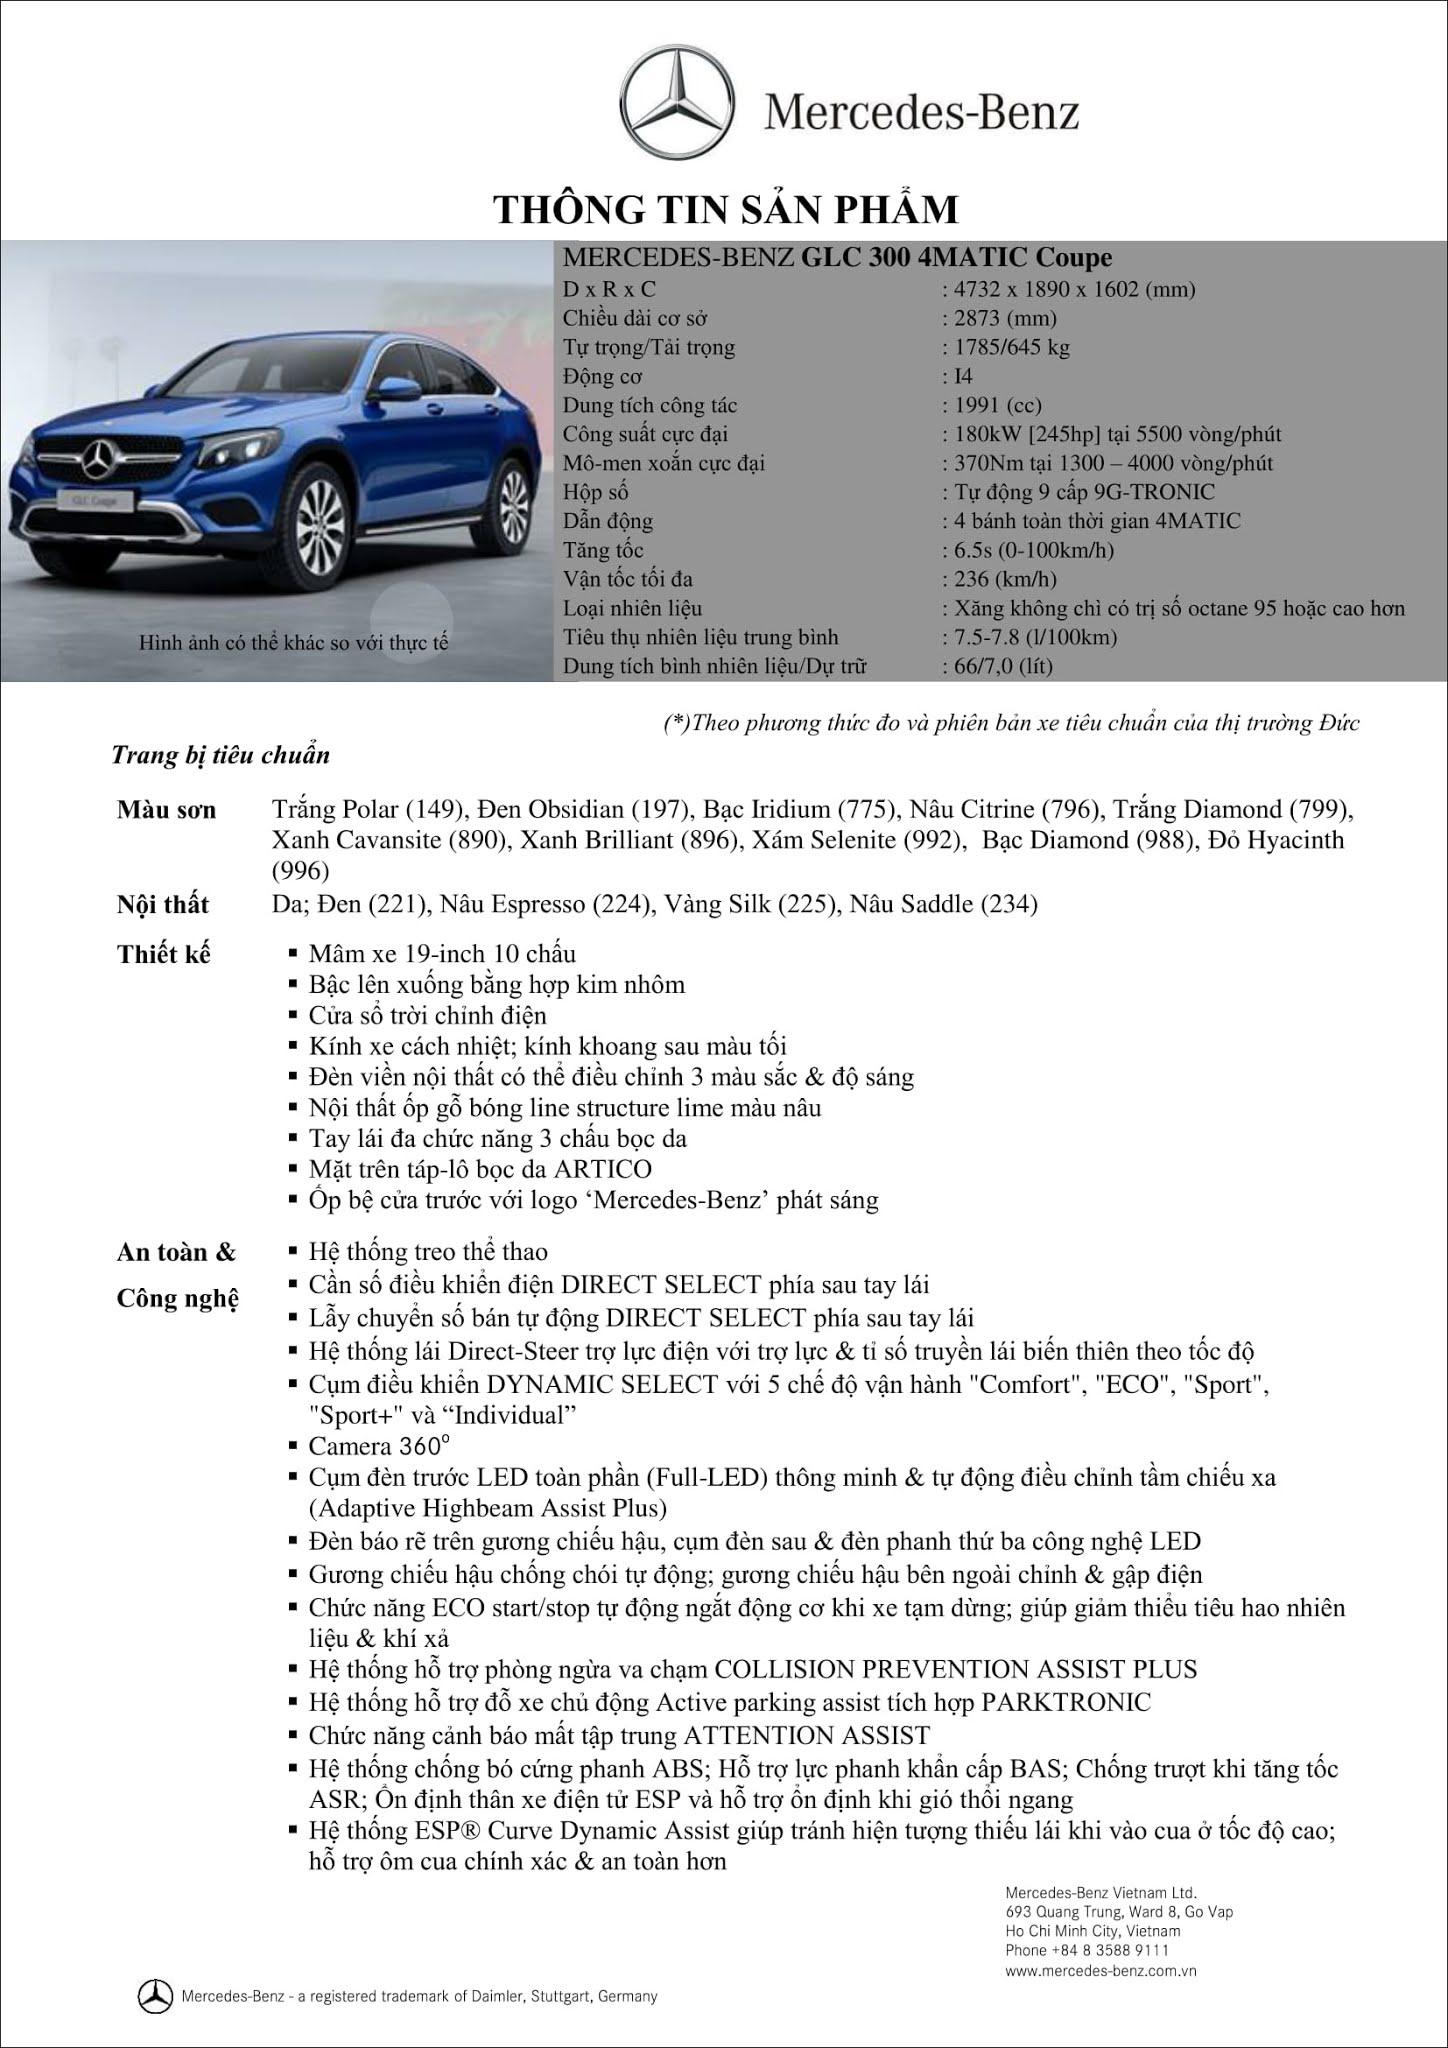 Bảng thông số kỹ thuật Mercedes GLC 300 4MATIC Coupe 2019 tại thị trường Việt Nam